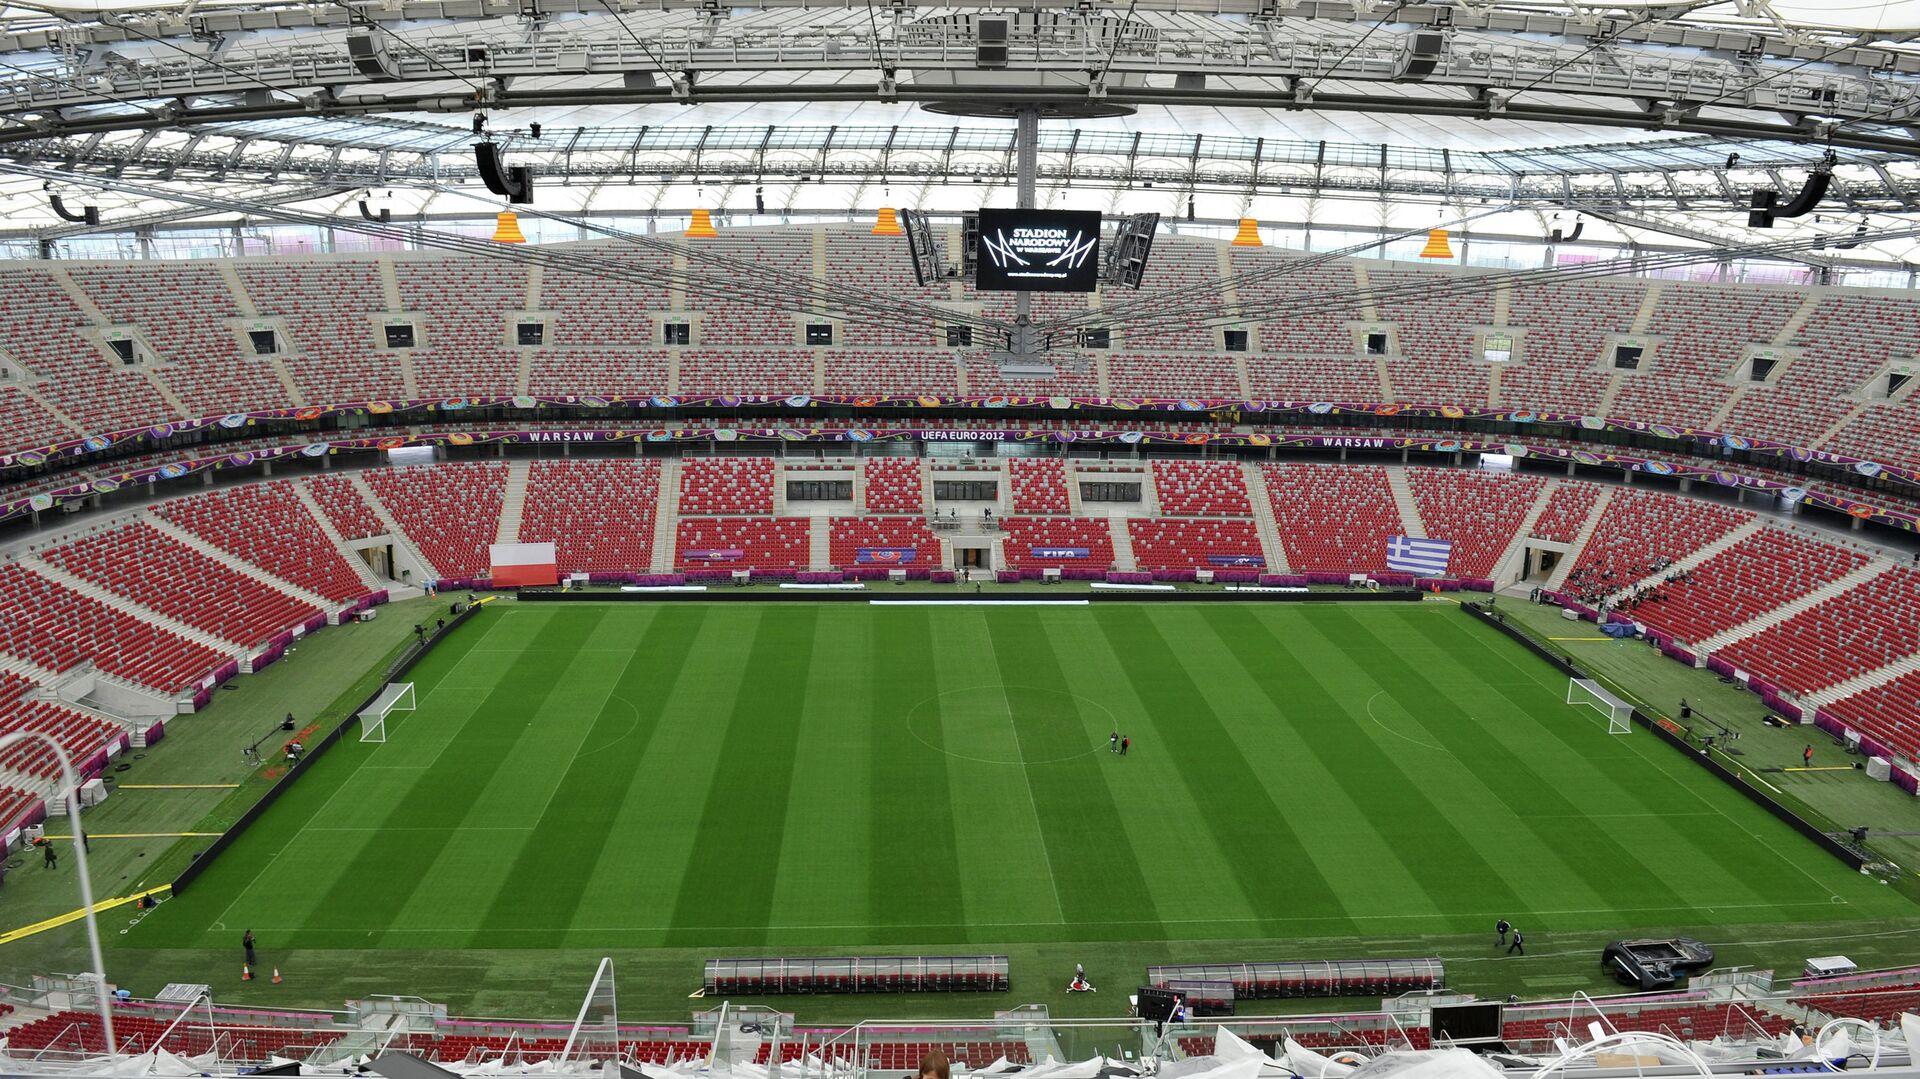 Национальный стадион в Варшаве - РИА Новости, 1920, 19.10.2020